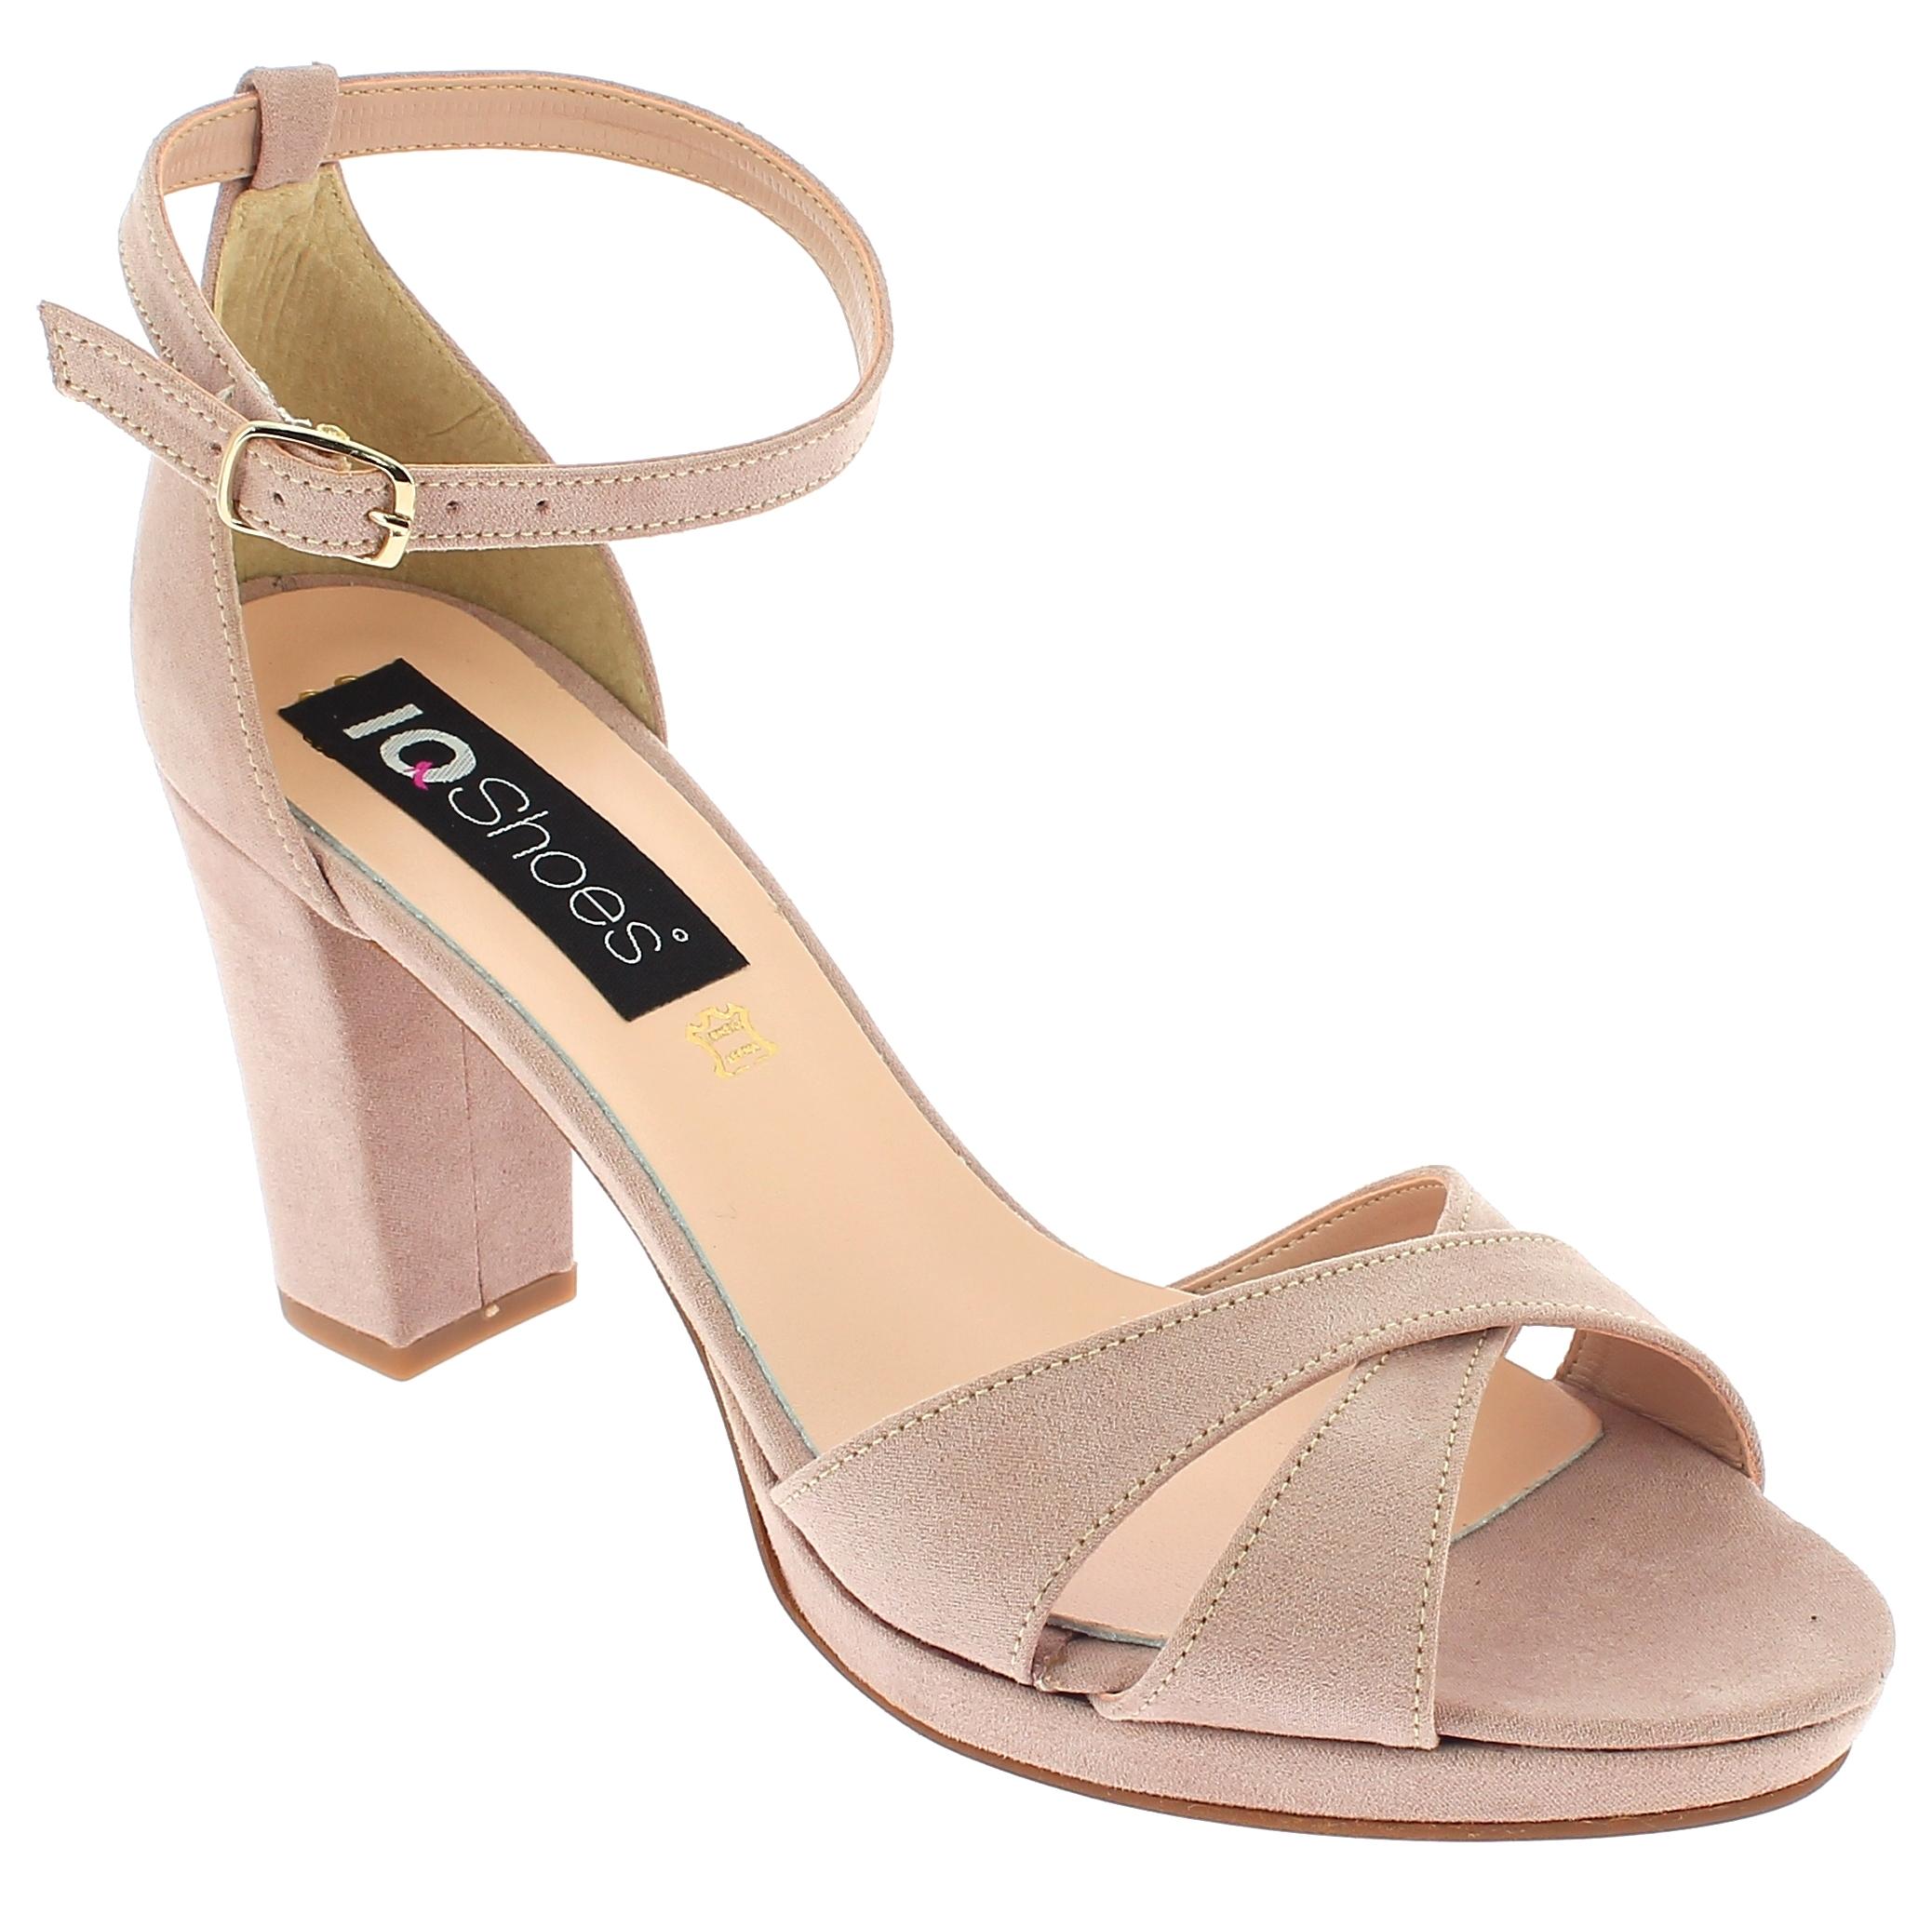 IQSHOES Γυναικείο Πέδιλο 306 Μπεζ - IqShoes - 41.306 BEIGE-IQSHOES-beige-37/1/7/ παπούτσια  γυναικεία σανδάλια   πέδιλα